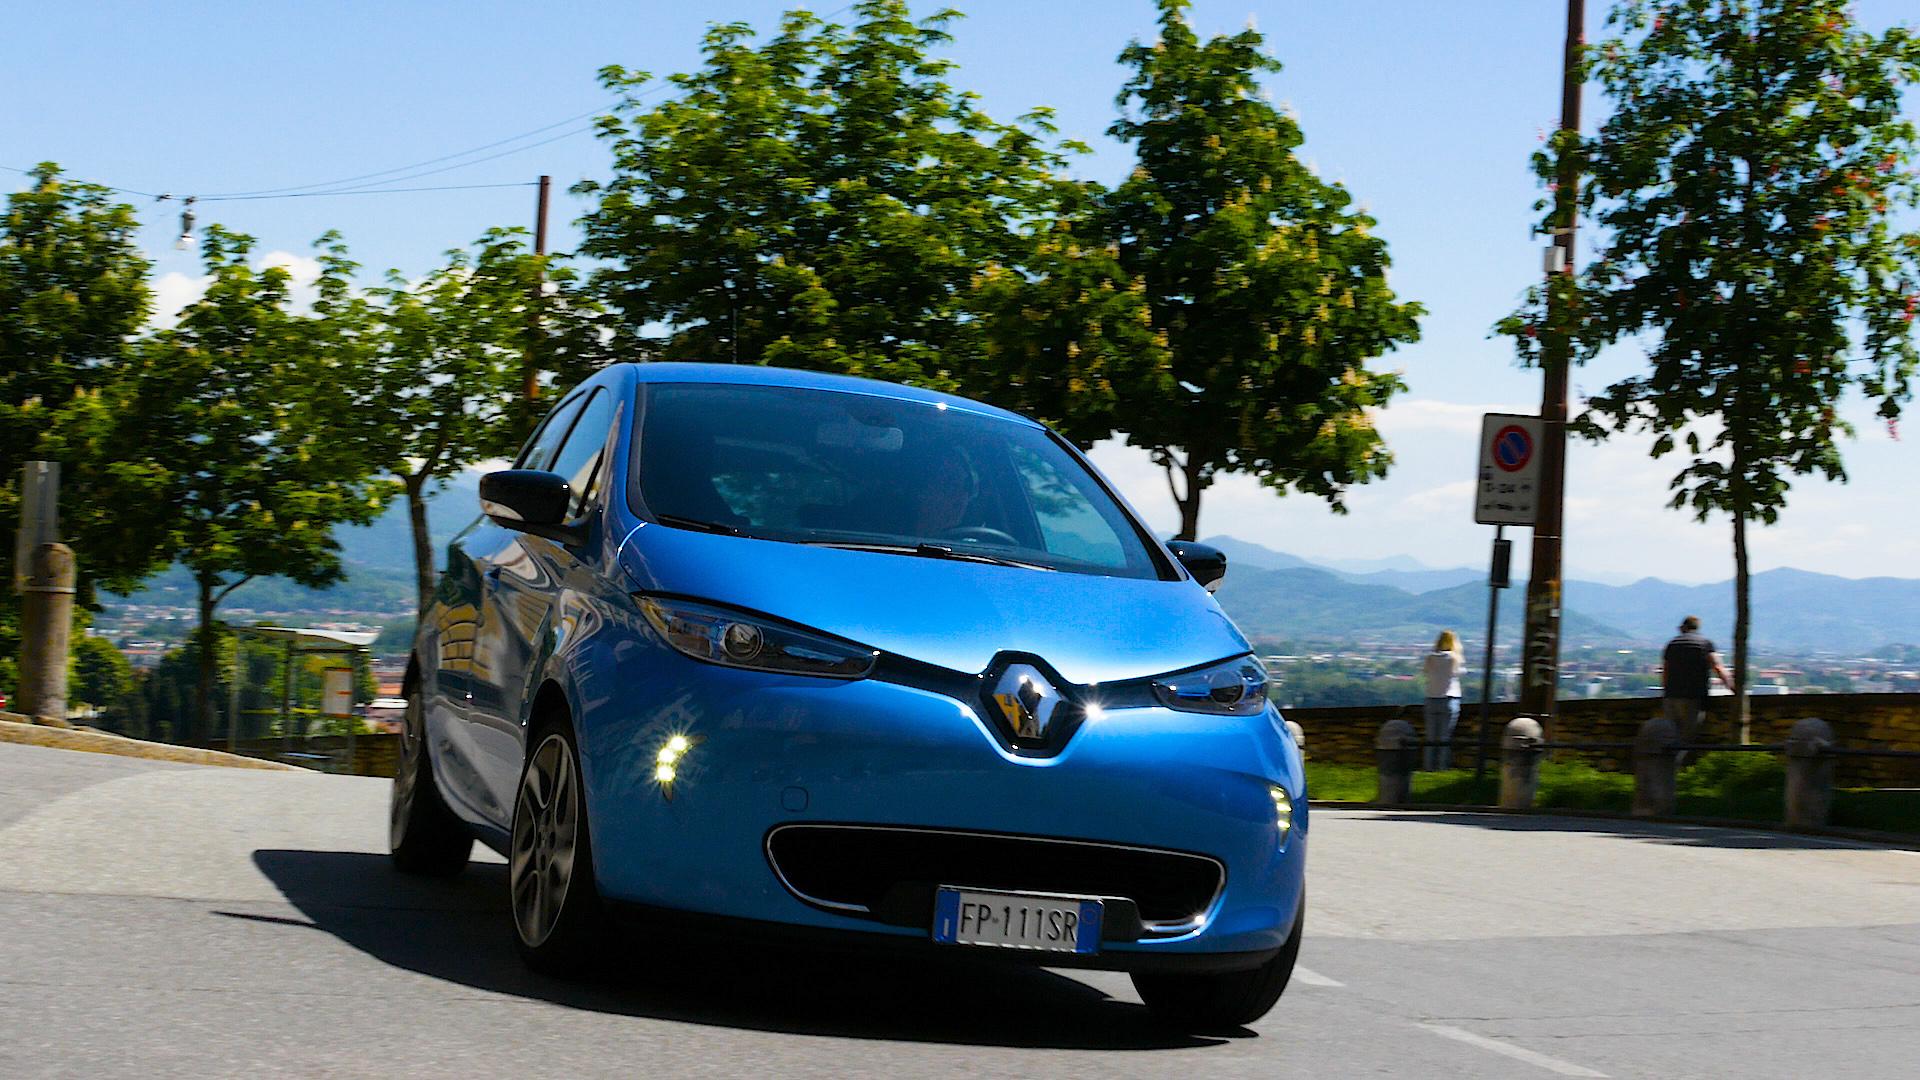 La Mia Città Ideale Test test drive renault zoe: un mese con l'auto elettrica | fleet